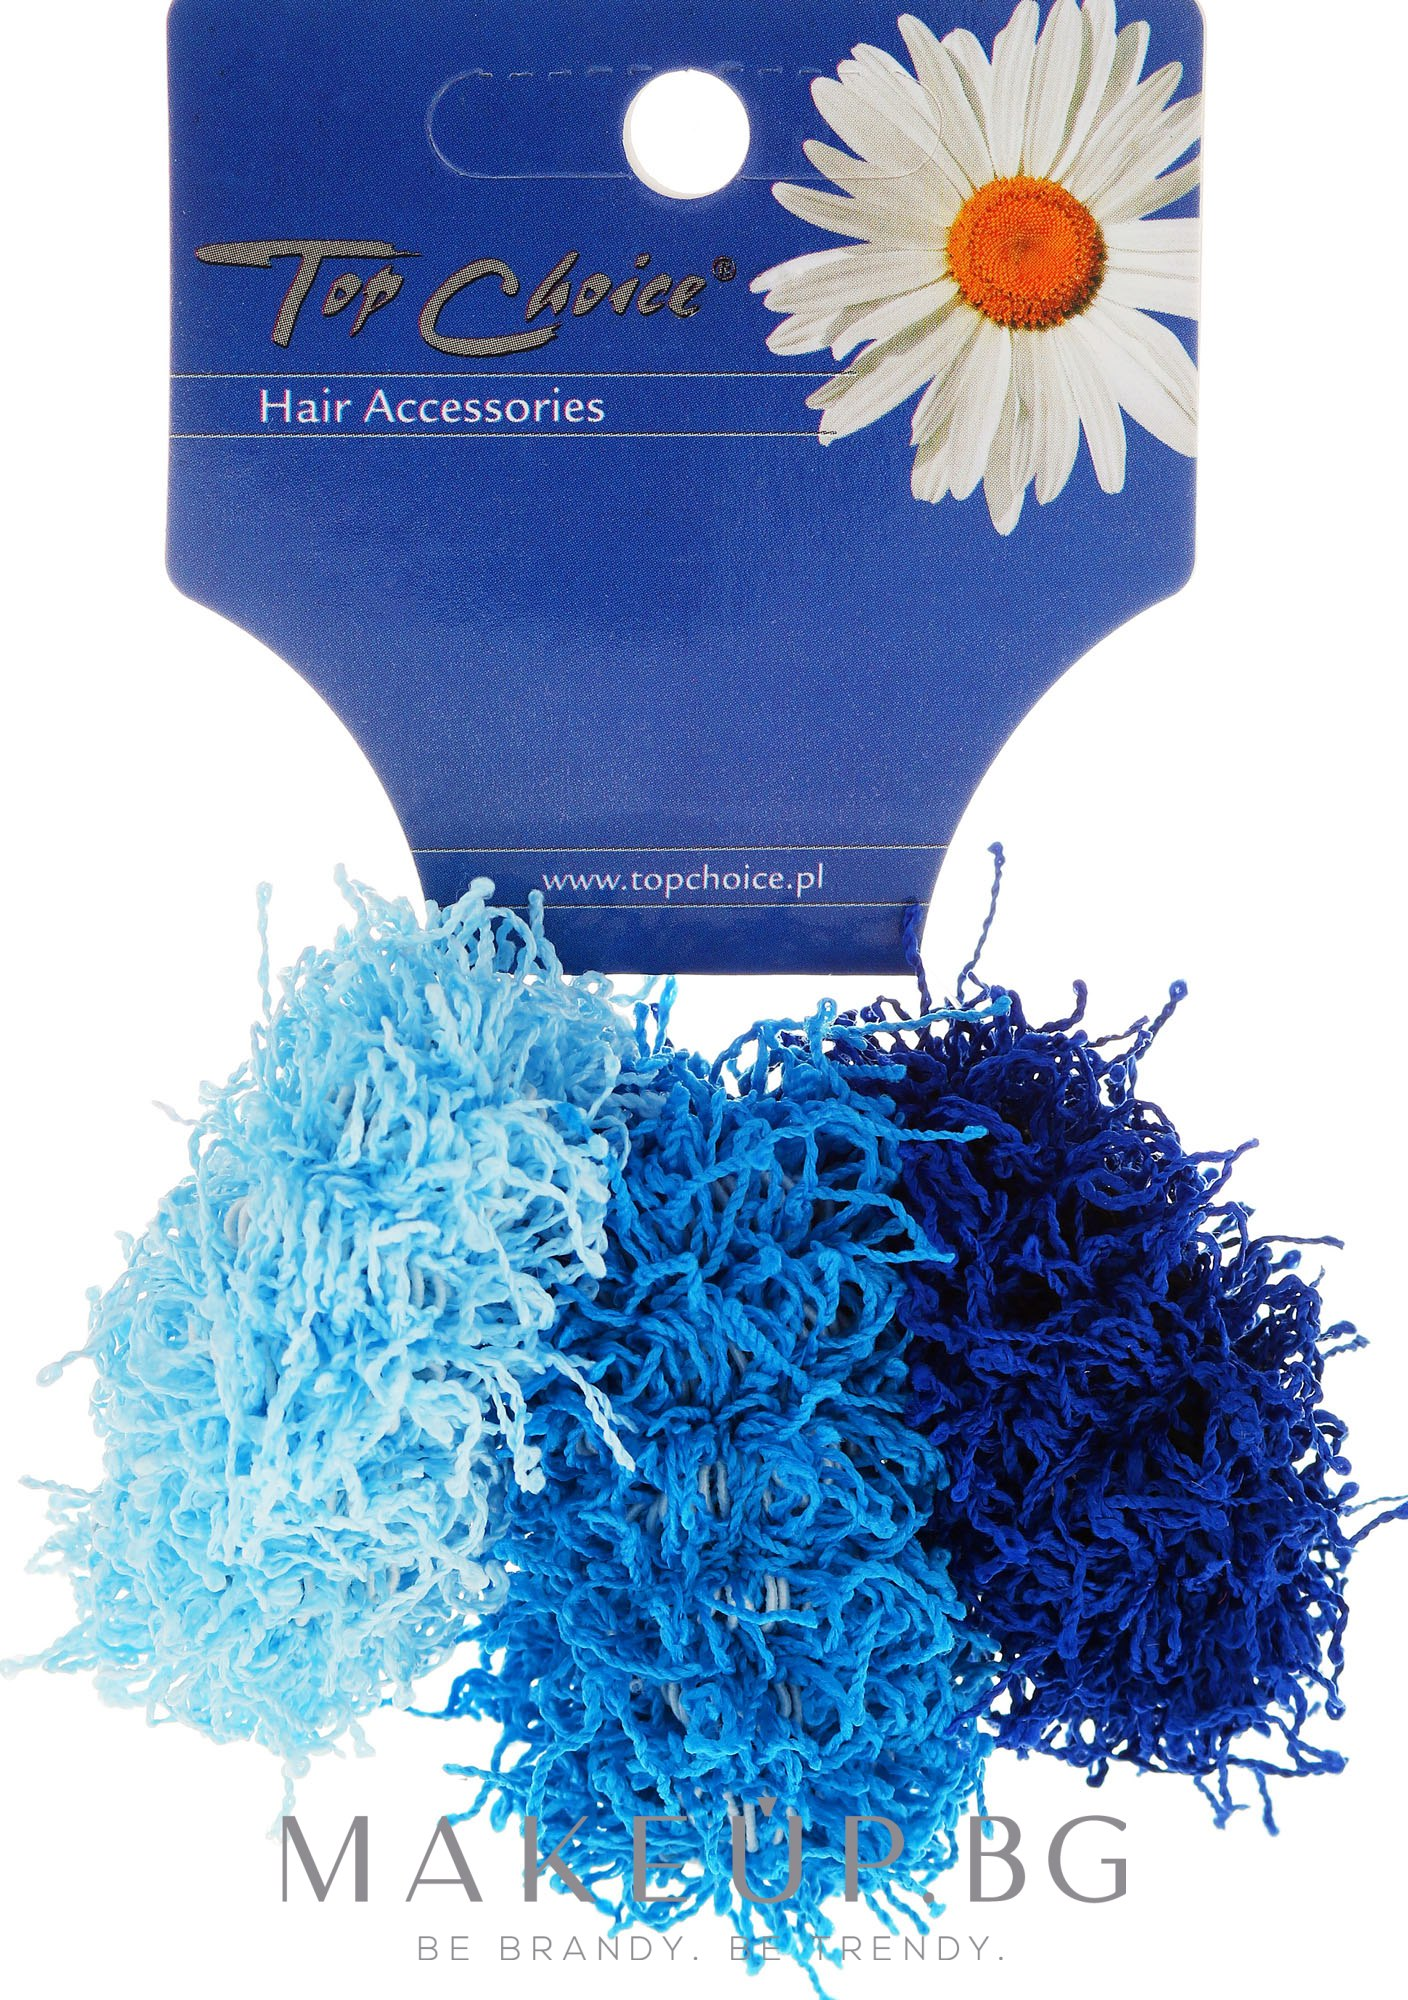 Ластици за коса 3 бр. 21695 - Top Choice — снимка 3 бр